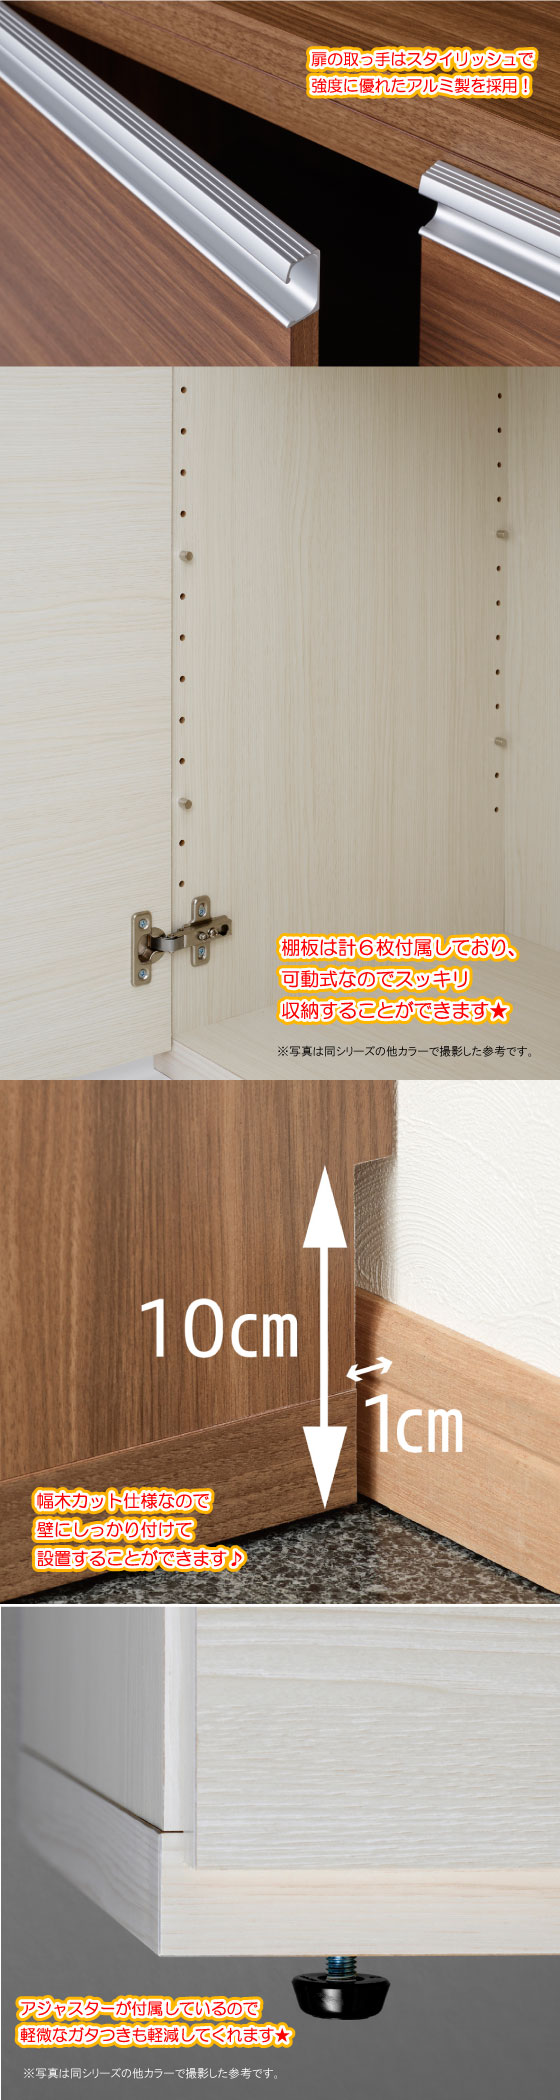 幅75cm×高さ192cm・ウォールナット柄キャビネット(完成品)